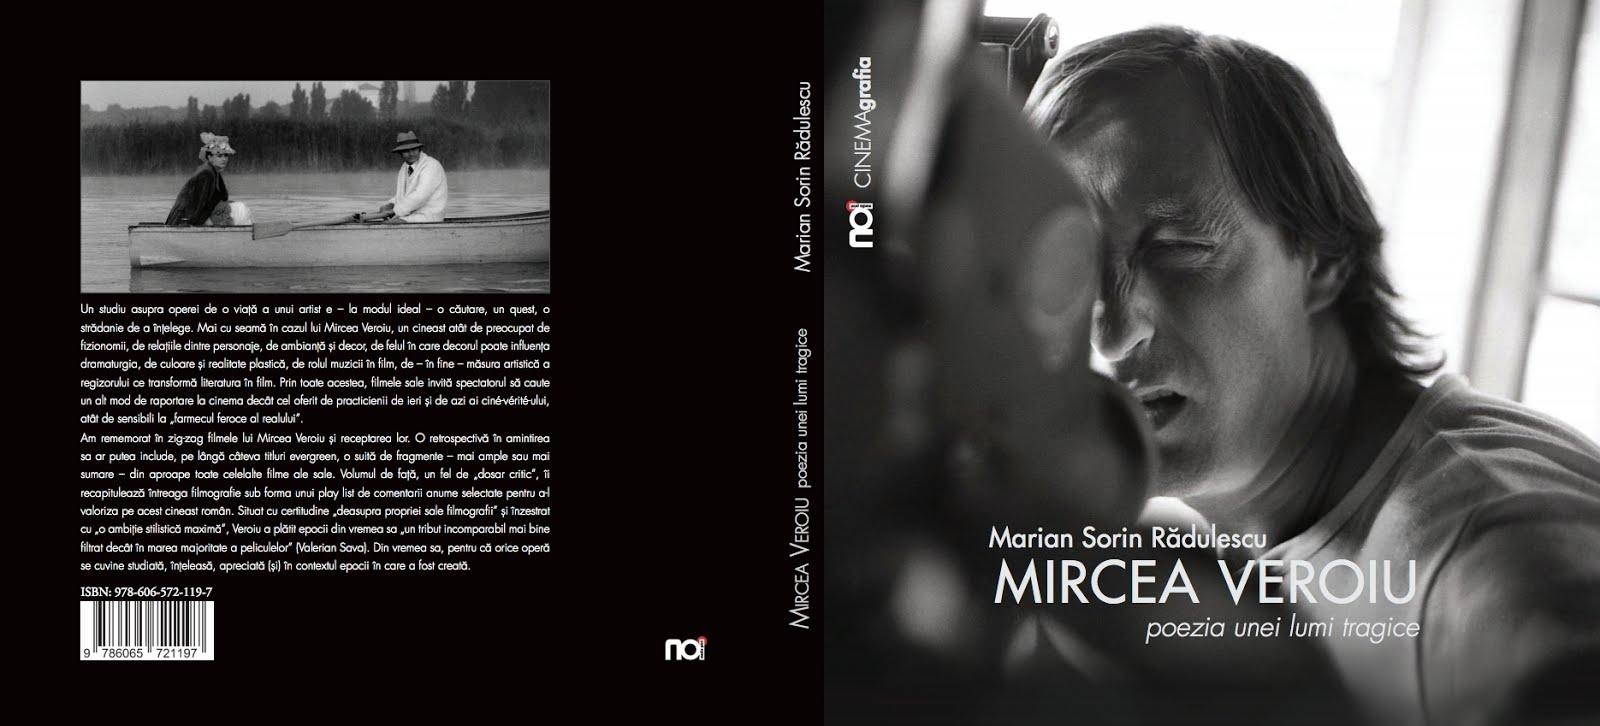 MIRCEA VEROIU - poezia unei lumi tragice